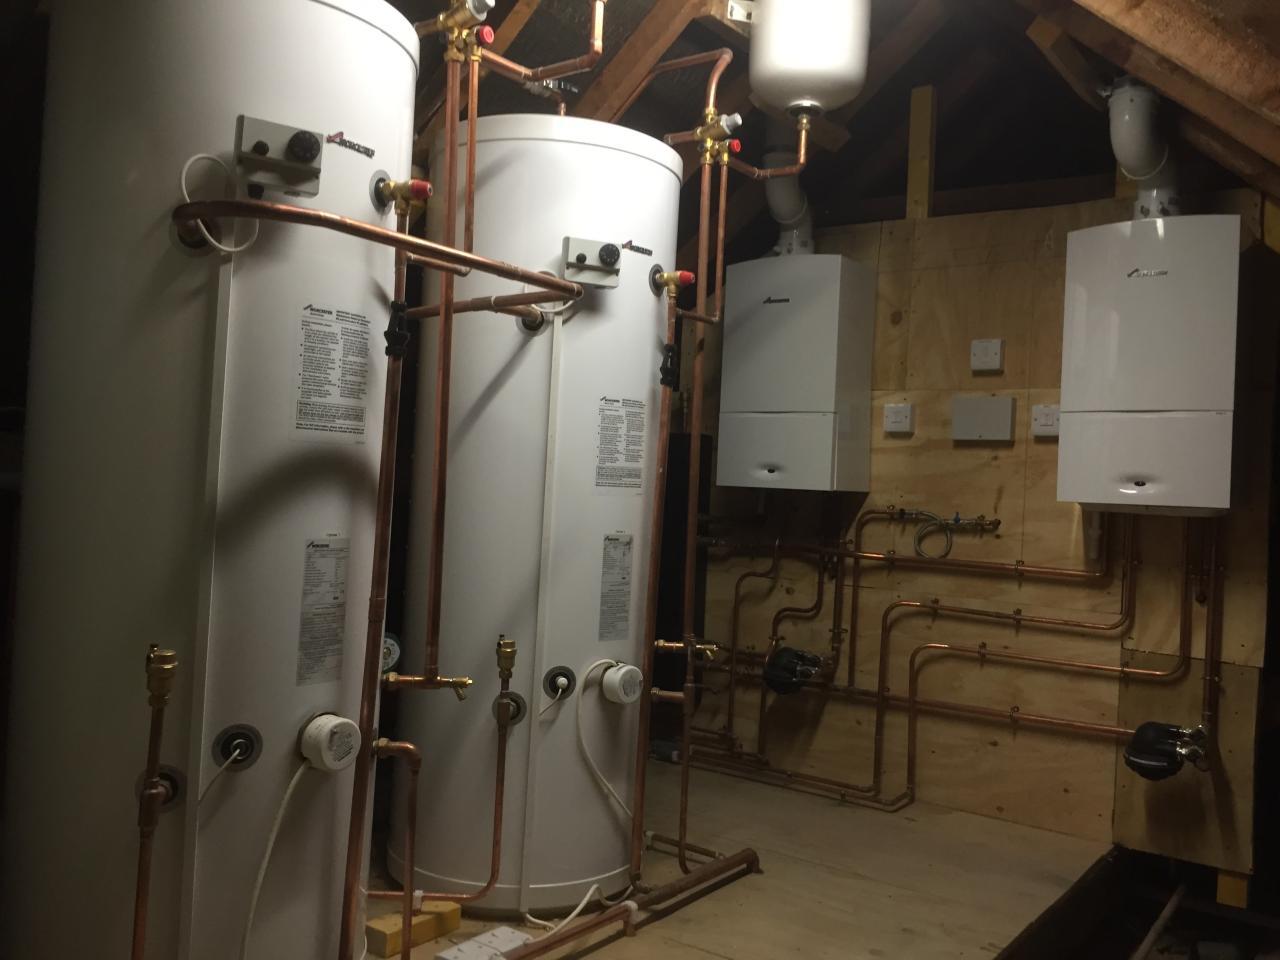 Totteridge boilers